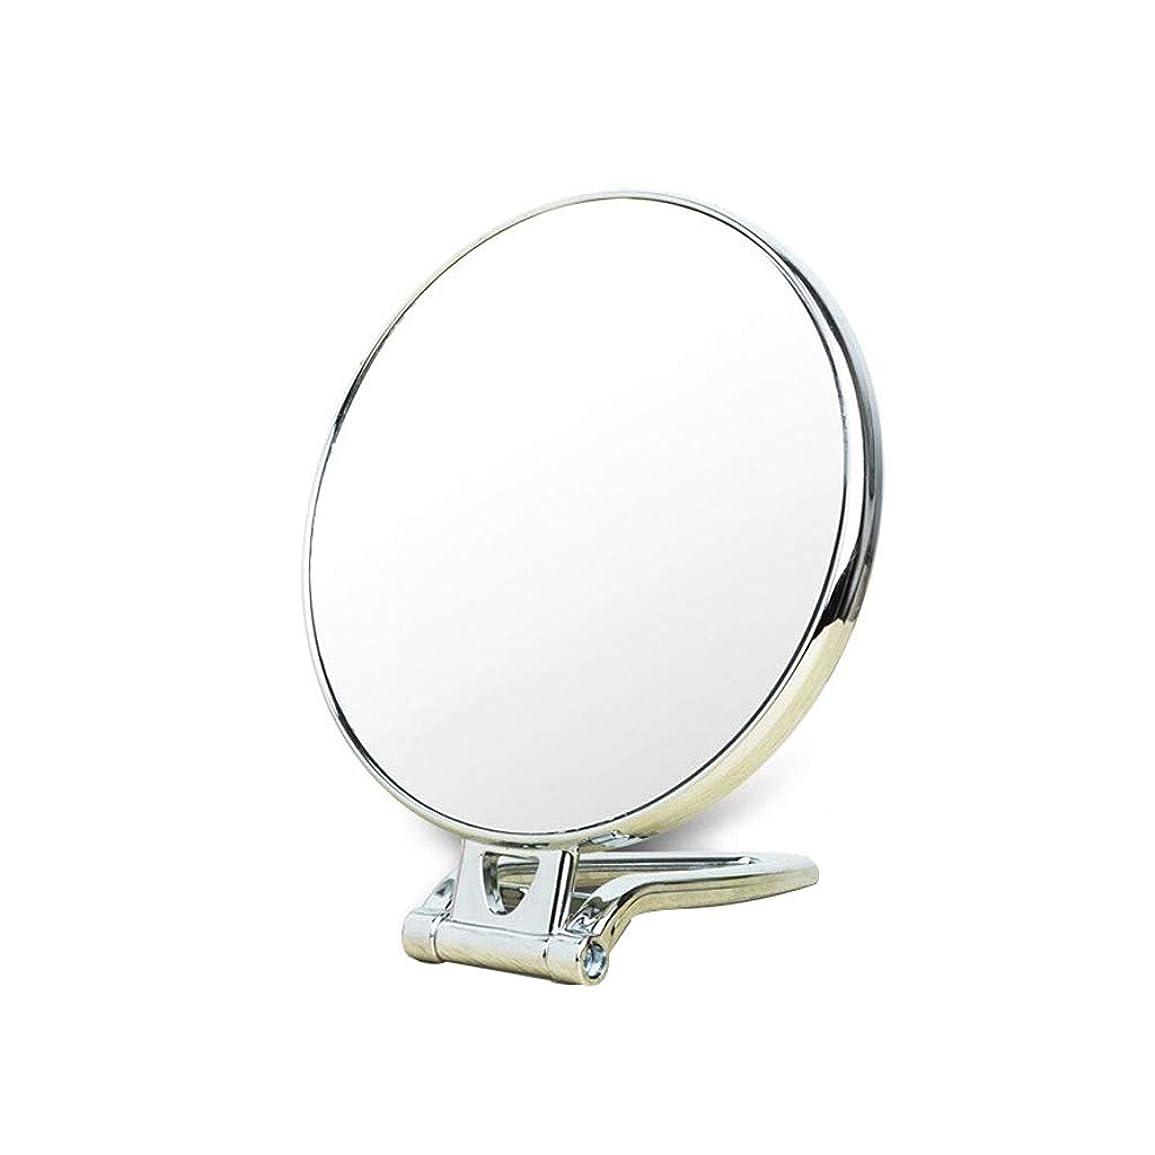 サンドイッチ入札十分にMiaoliangliang 化粧化粧台、1倍/ 3倍倍率両面拡大鏡 - ハンドヘルド - 壁 - デスクトップ - 化粧鏡